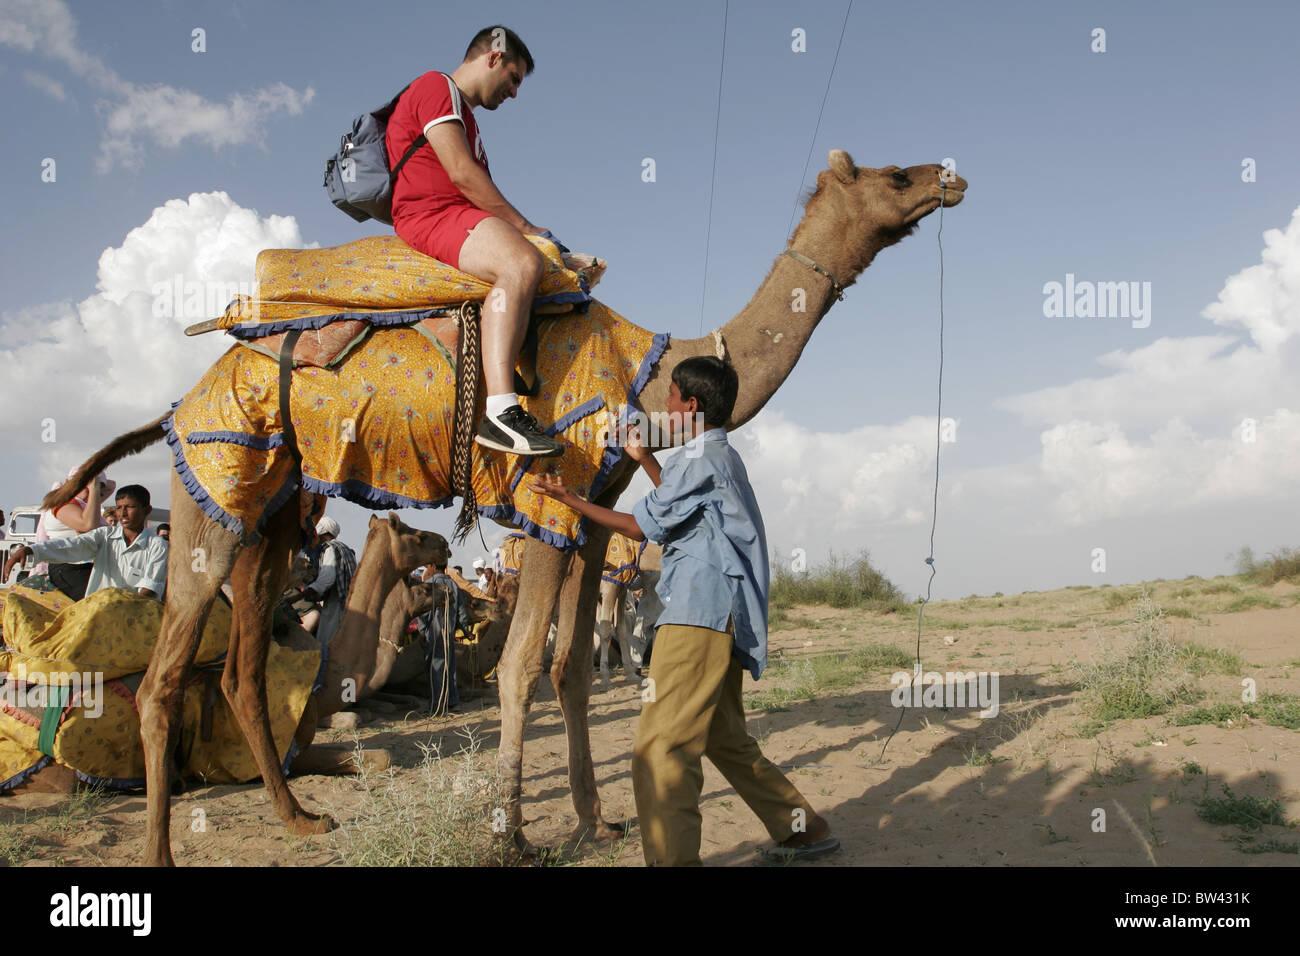 Il turista a godere di una corsa in cammello al Sam, Jaisalmer, Rajasthan, India Immagini Stock